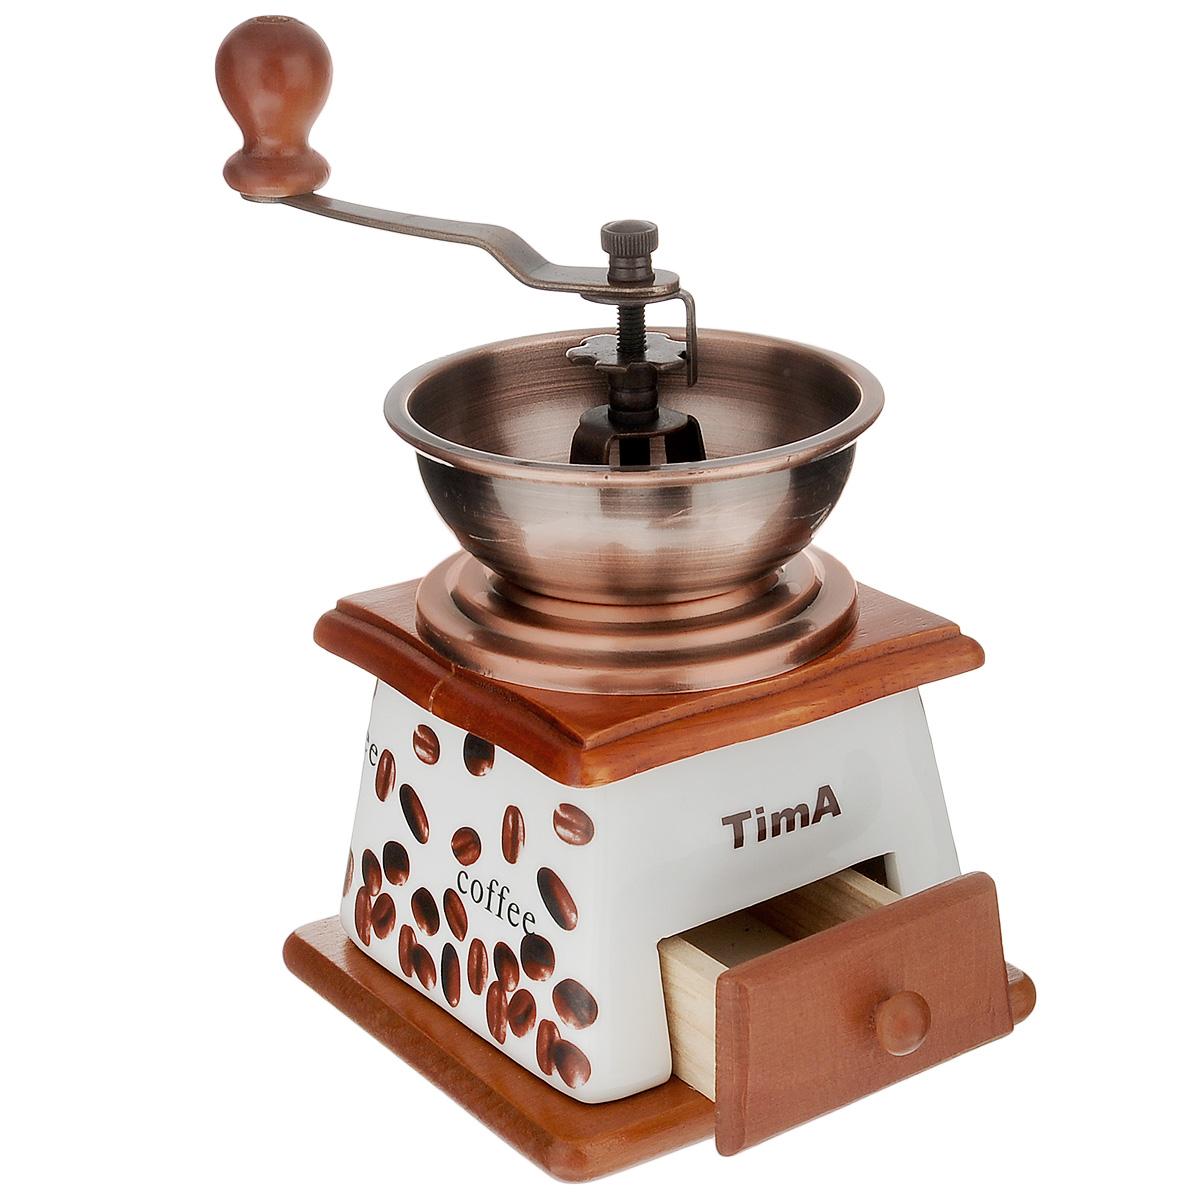 Кофемолка ручная TimA. SL-073SL-073Ручная кофемолка TimA, выполненная из дерева и керамики, украшенной изображением кофейных зерен, сочетает в себе эстетичность и функциональность. Она оснащена выдвижным деревянным ящичком для молотого кофе, металлической воронкой и удобной элегантной ручкой для помола. Изделие снабжено внутренним керамическим механизмом. Вы сможете регулировать степень помола от мелкого до крупного. Инструкция по регулировке степени помола имеется на упаковке изделия. Такая кофемолка станет незаменимым помощником на вашей кухне.Высота кофемолки: 16,5 см.Размер основания кофемолки: 11,5 см х 11,5 см.